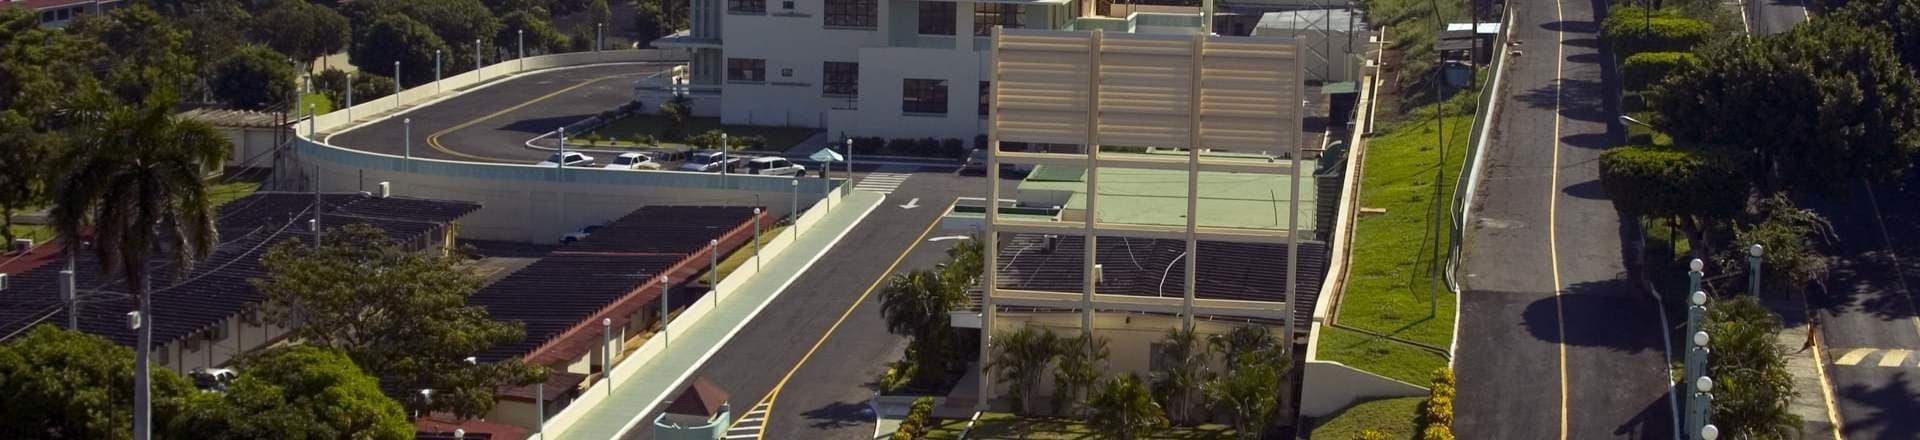 Hoteles en managua baratos desde 361 destinia for Vuelos baratos a nicaragua